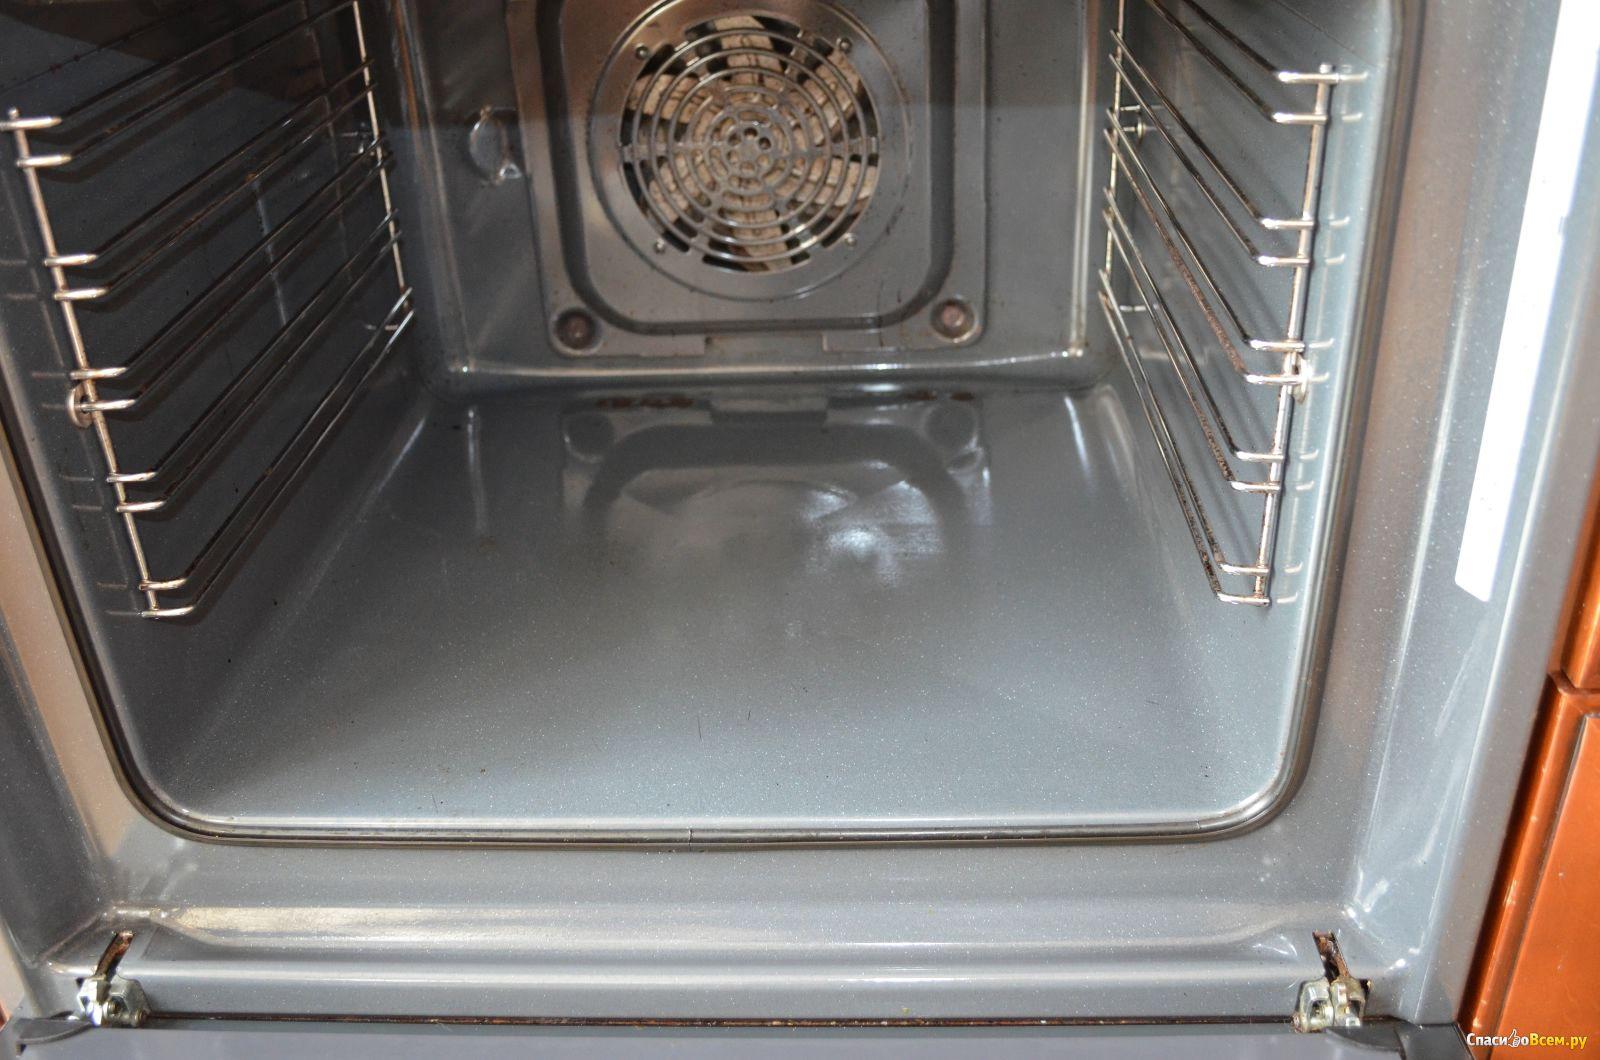 Как очистить духовку от жира и нагара 10 домашних 74